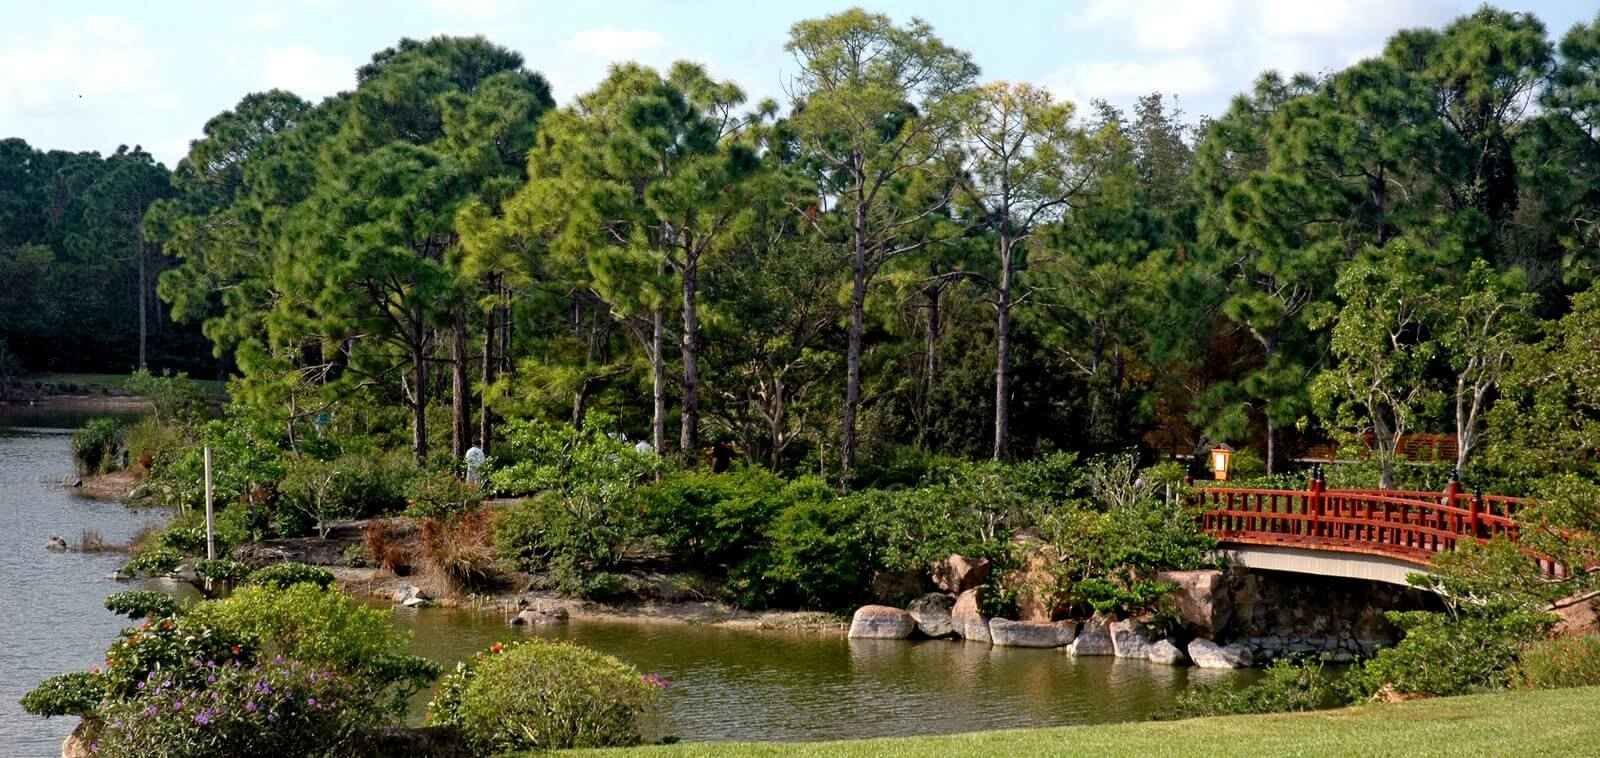 Pontos turísticos em Boca Raton: Morikami Museum and Japanese Gardens